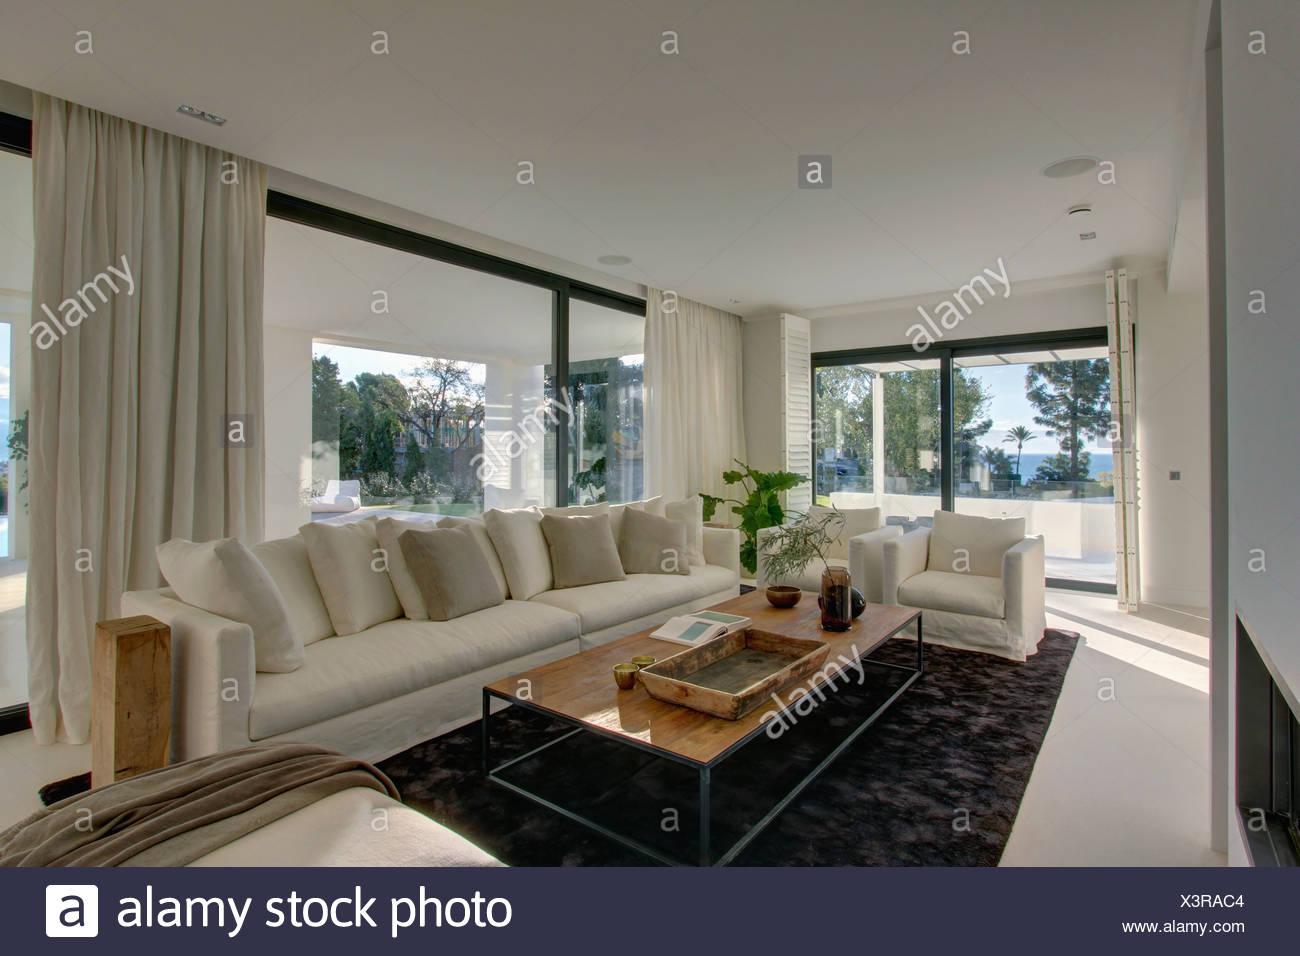 Grande divano bianco con cuscini bianchi in spagnolo soggiorno con ...